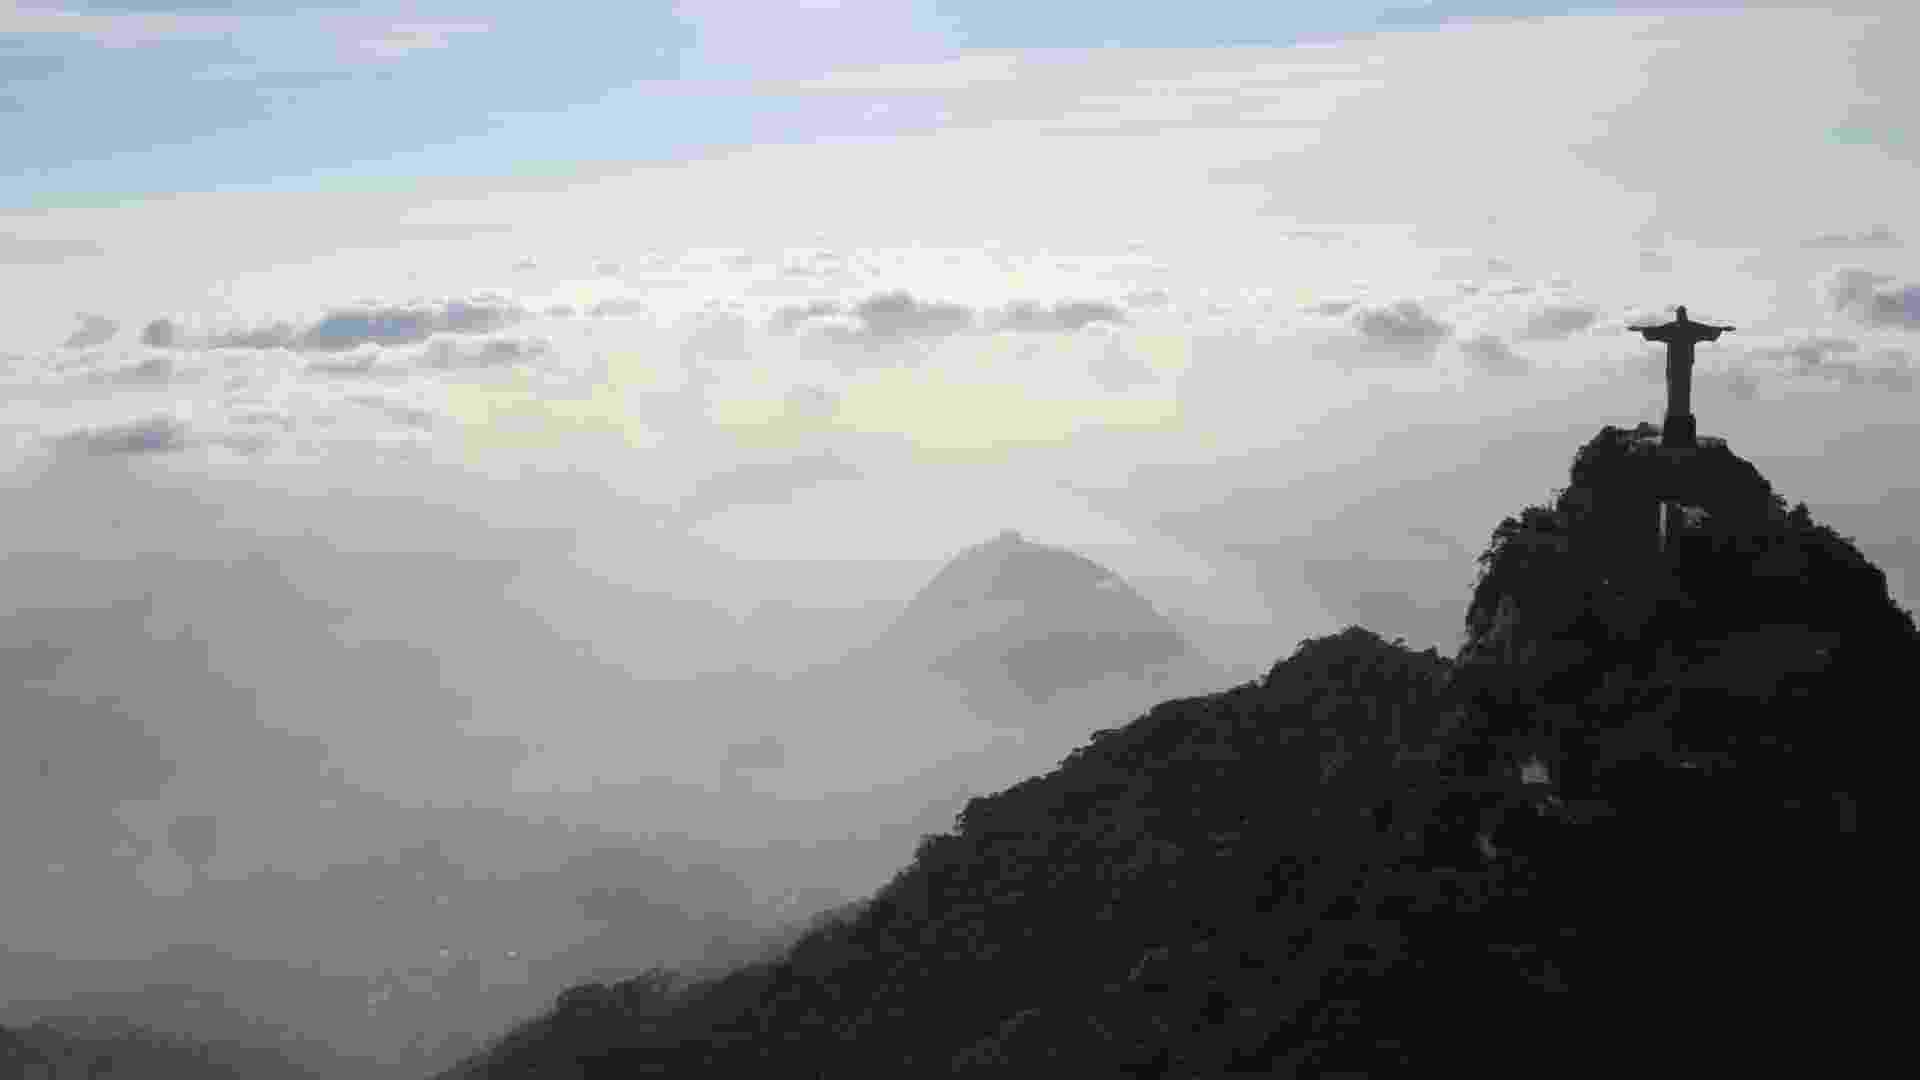 2.mai.2013 - O estátua do Cristo Redentor, no Rio de Janeiro, é visto sobre nuvens nesta quinta-feira (2). Por causa do forte nevoeiro que encobriu a cidade nesta manhã, o aeroporto Santos Dumont ficou fechado para pousos durante duas horas - Carlos Eduardo Cardoso/Agência O Dia/Estadão Conteúdo